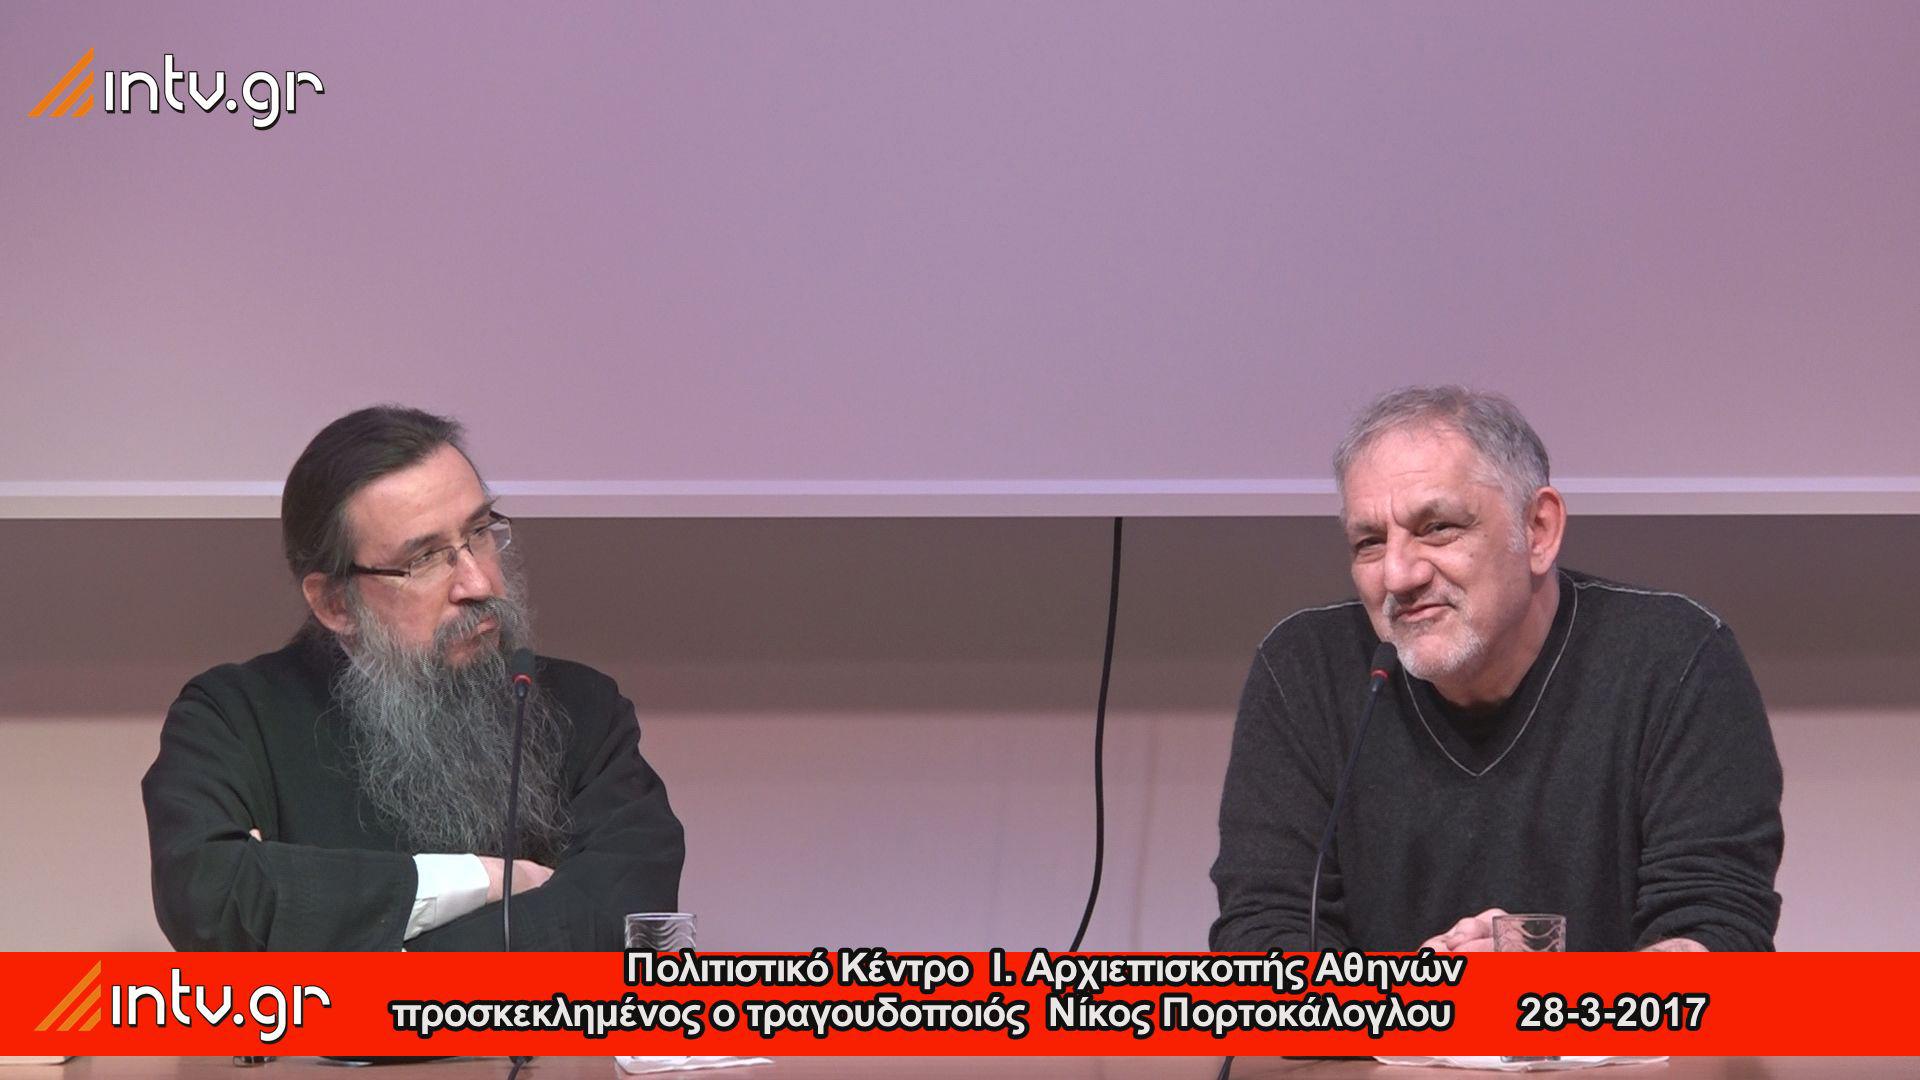 Πολιτιστικό Κέντρο  Ι. Αρχιεπισκοπής Αθηνών - προσκεκλημένος ο τραγουδοποιός  Νίκος Πορτοκάλογλου